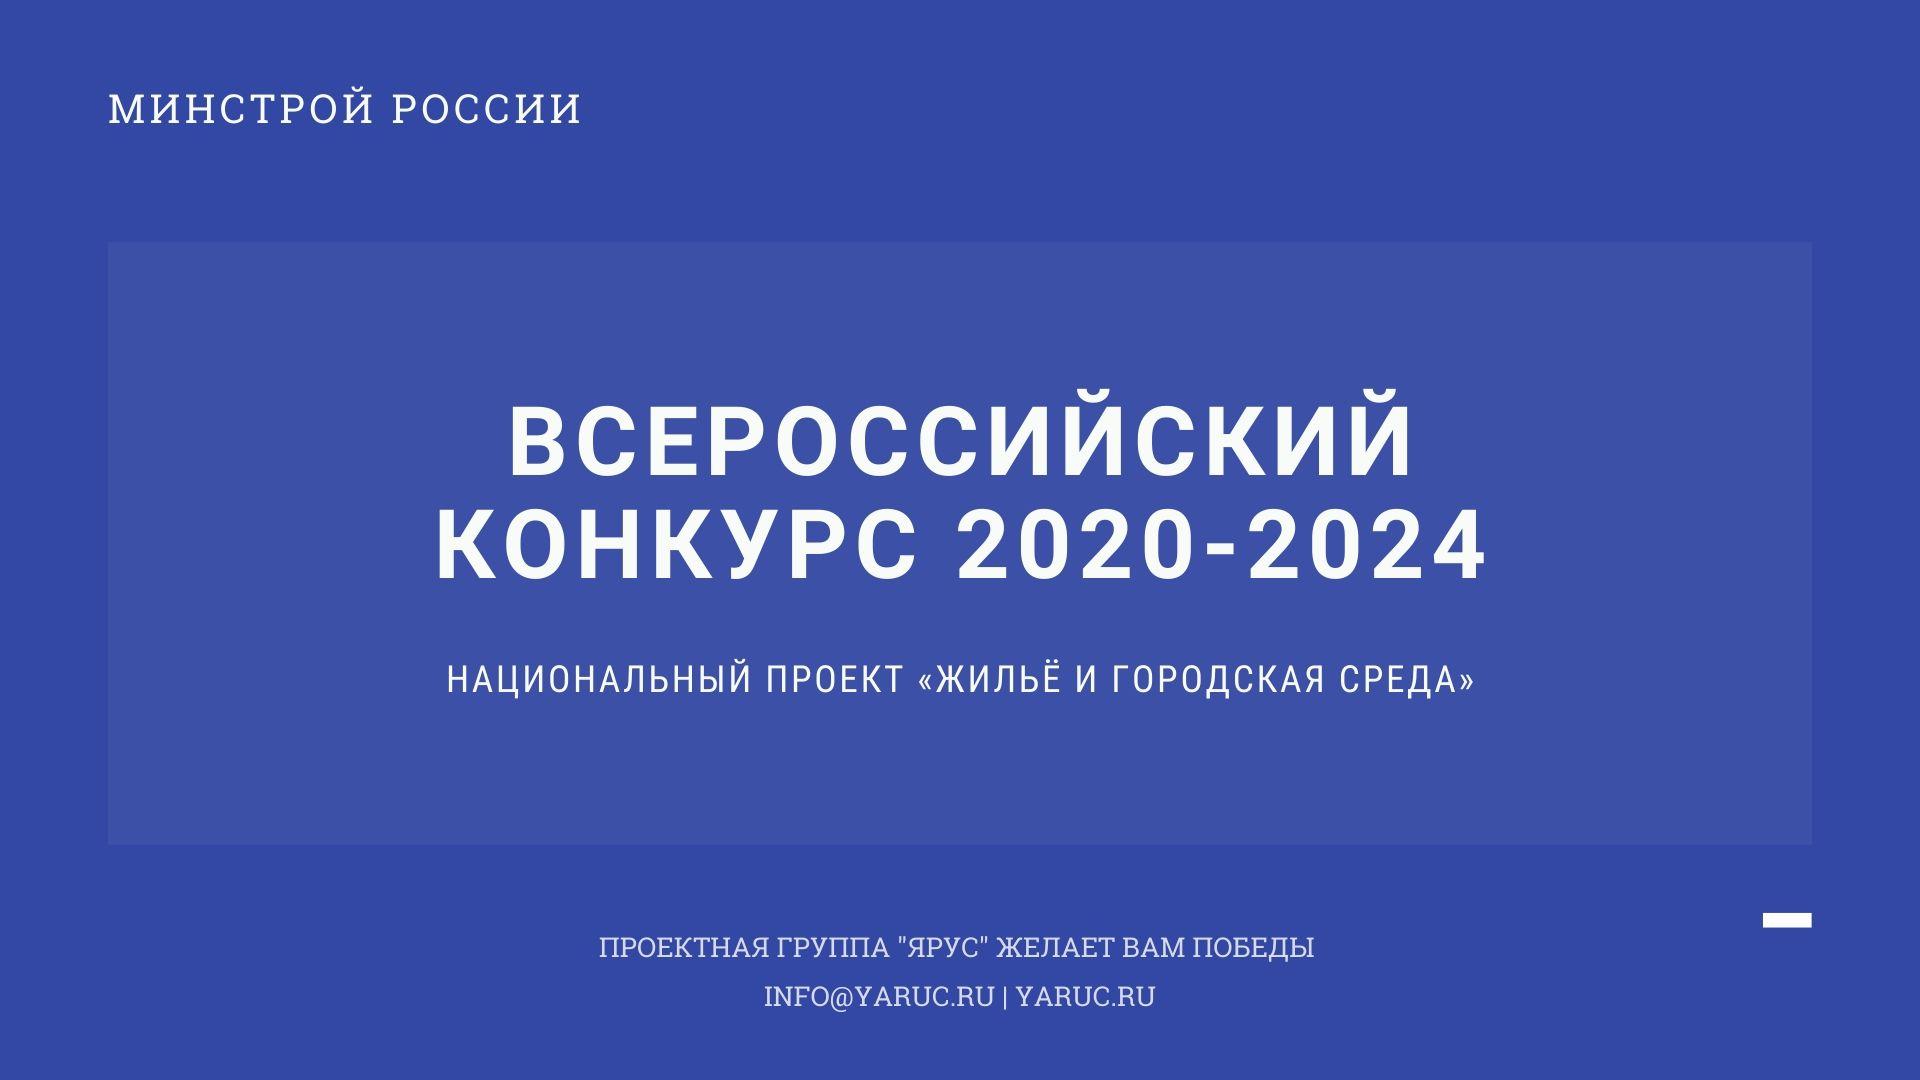 Малые города и исторические поселения 2020 - изменения